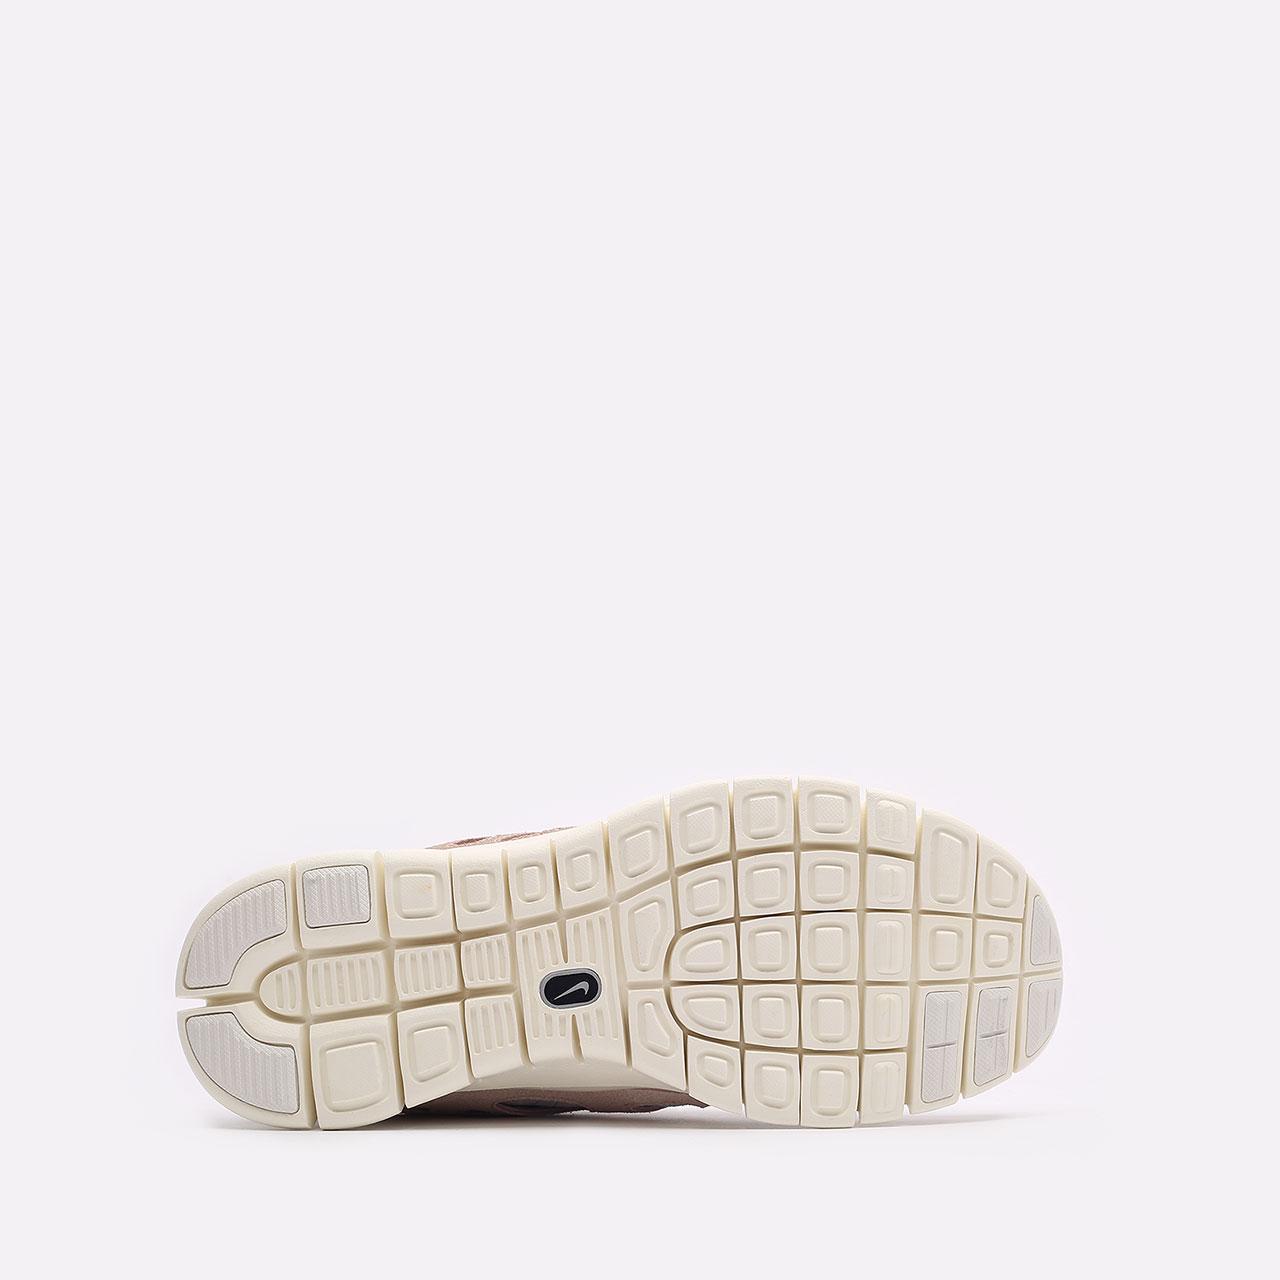 мужские бежевые  кроссовки nike free run 2 537732-013 - цена, описание, фото 5